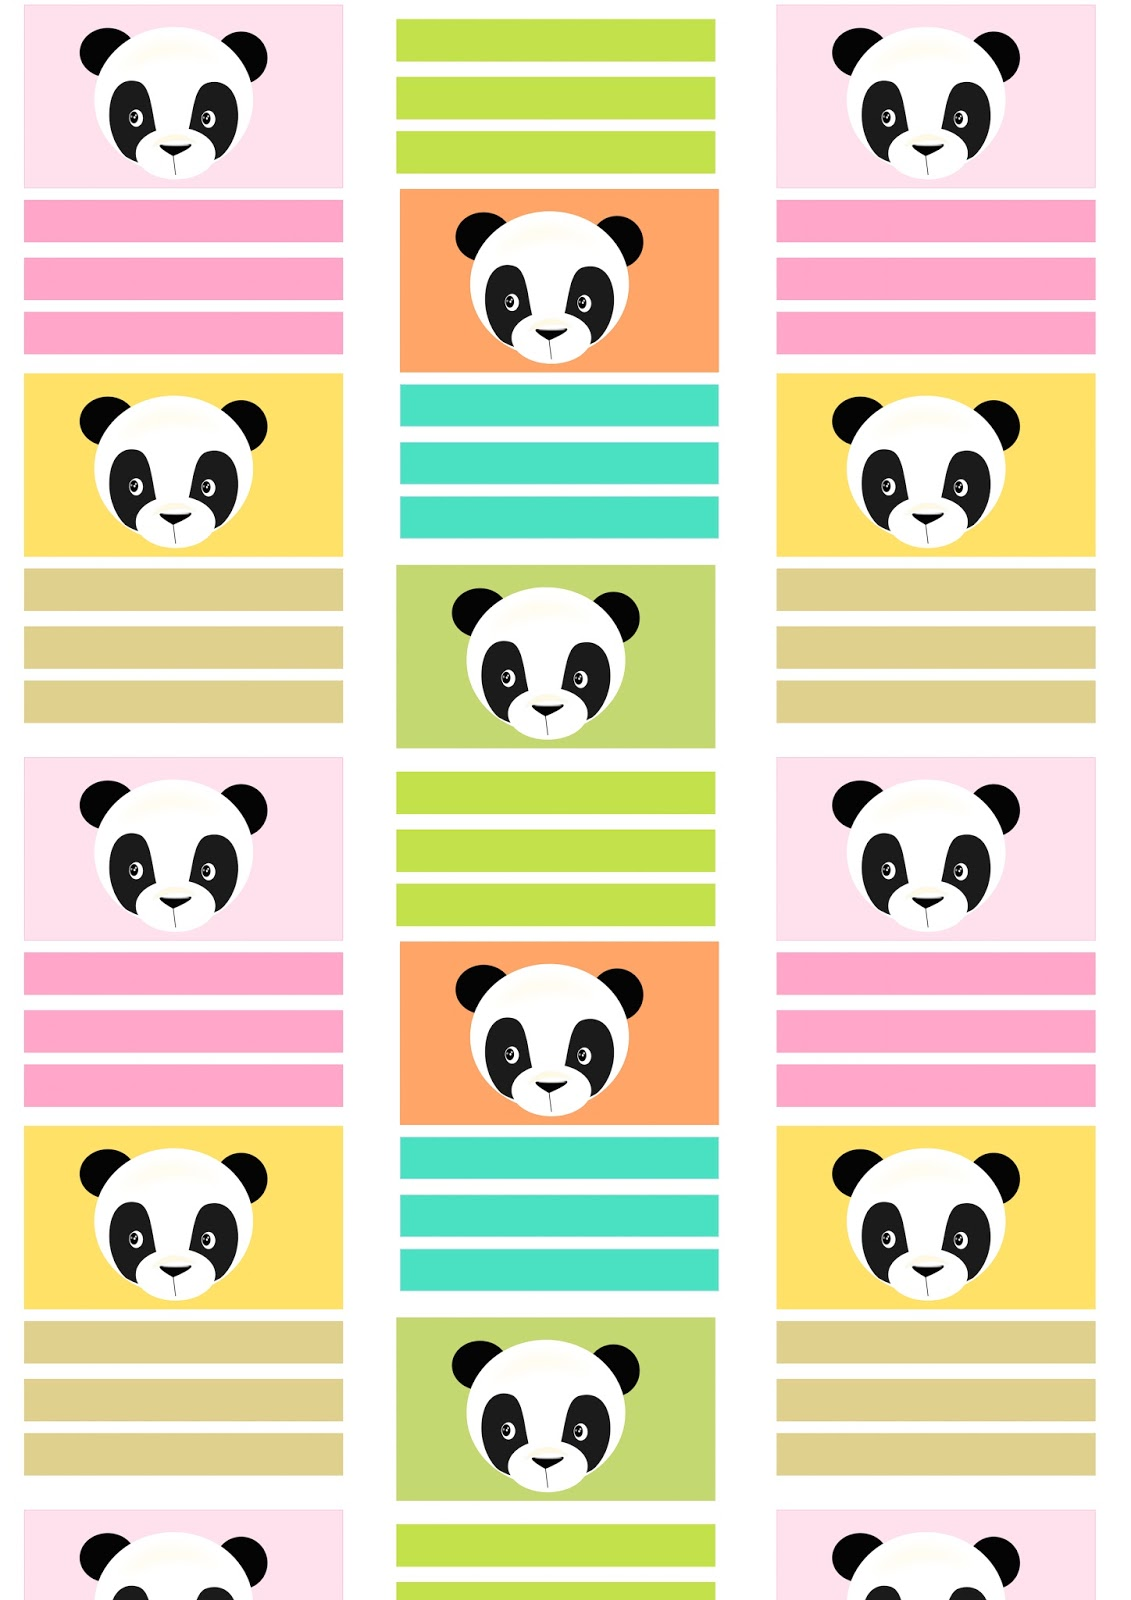 http://4.bp.blogspot.com/-DDi8tV1KzE8/VOcVcMlyGOI/AAAAAAAAiJ8/dgljKCPWuK0/s1600/panda_paper_color_A4.jpg